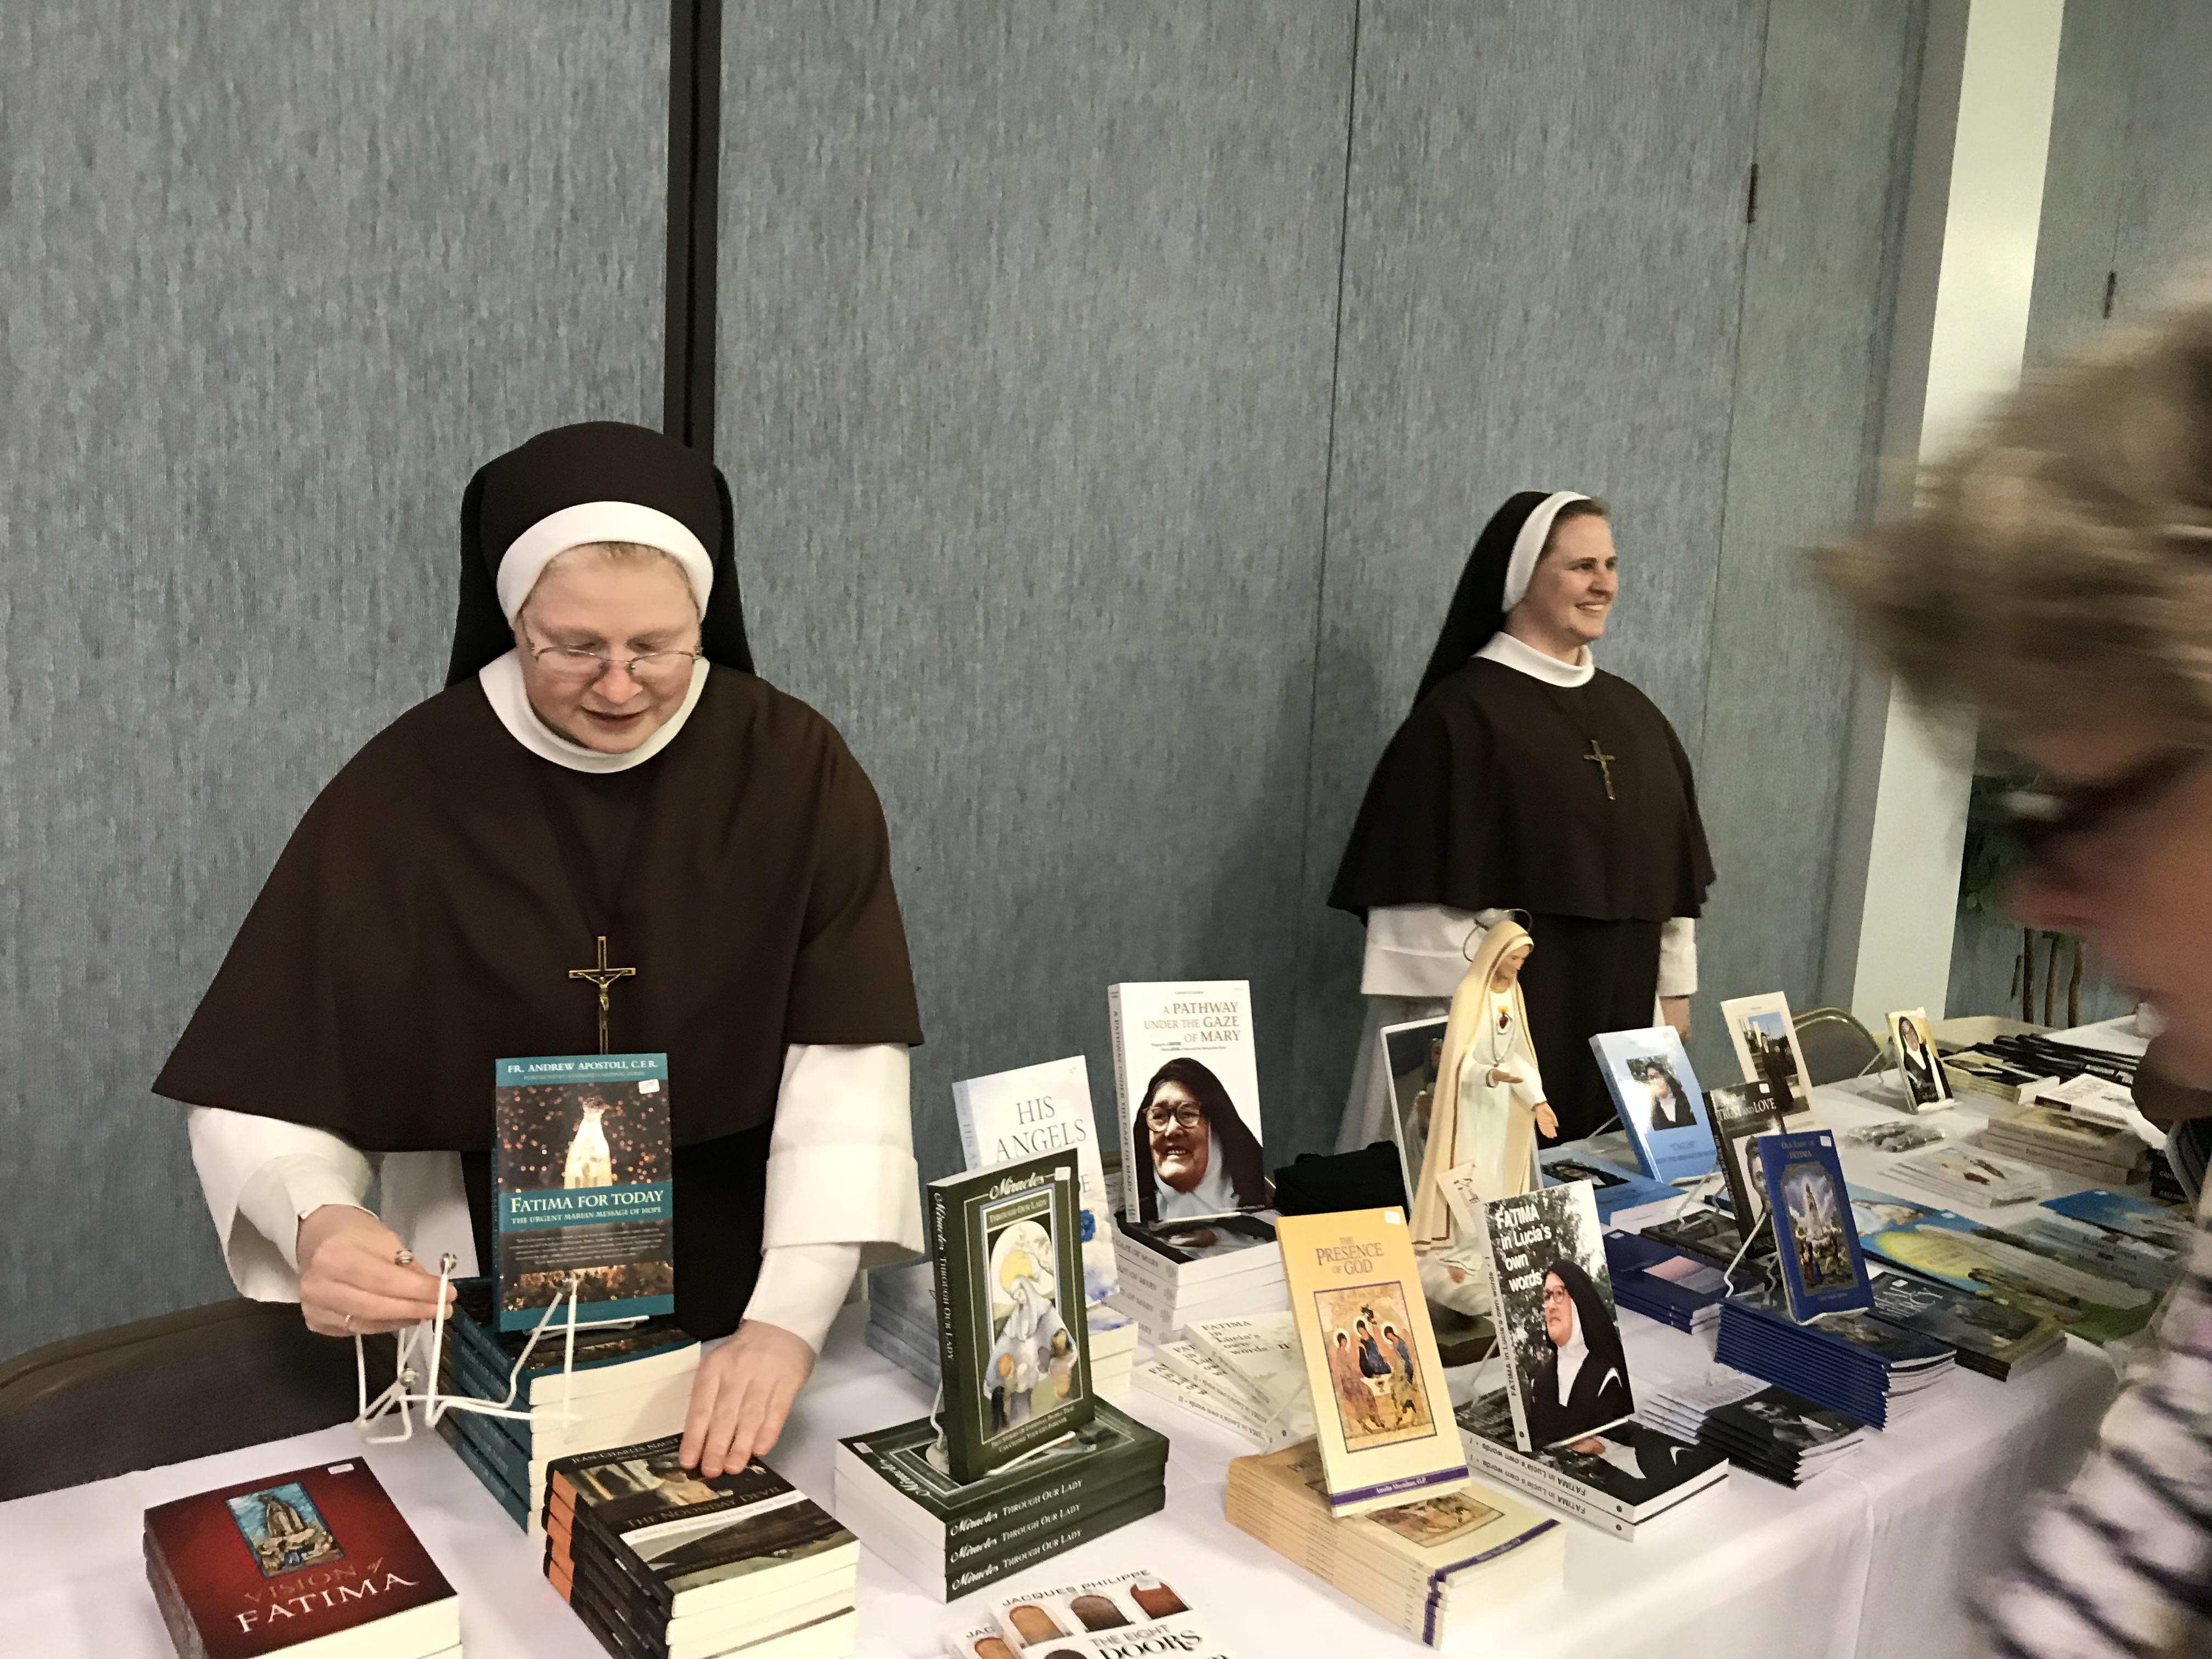 Fatima Conference 2018 pic # 2